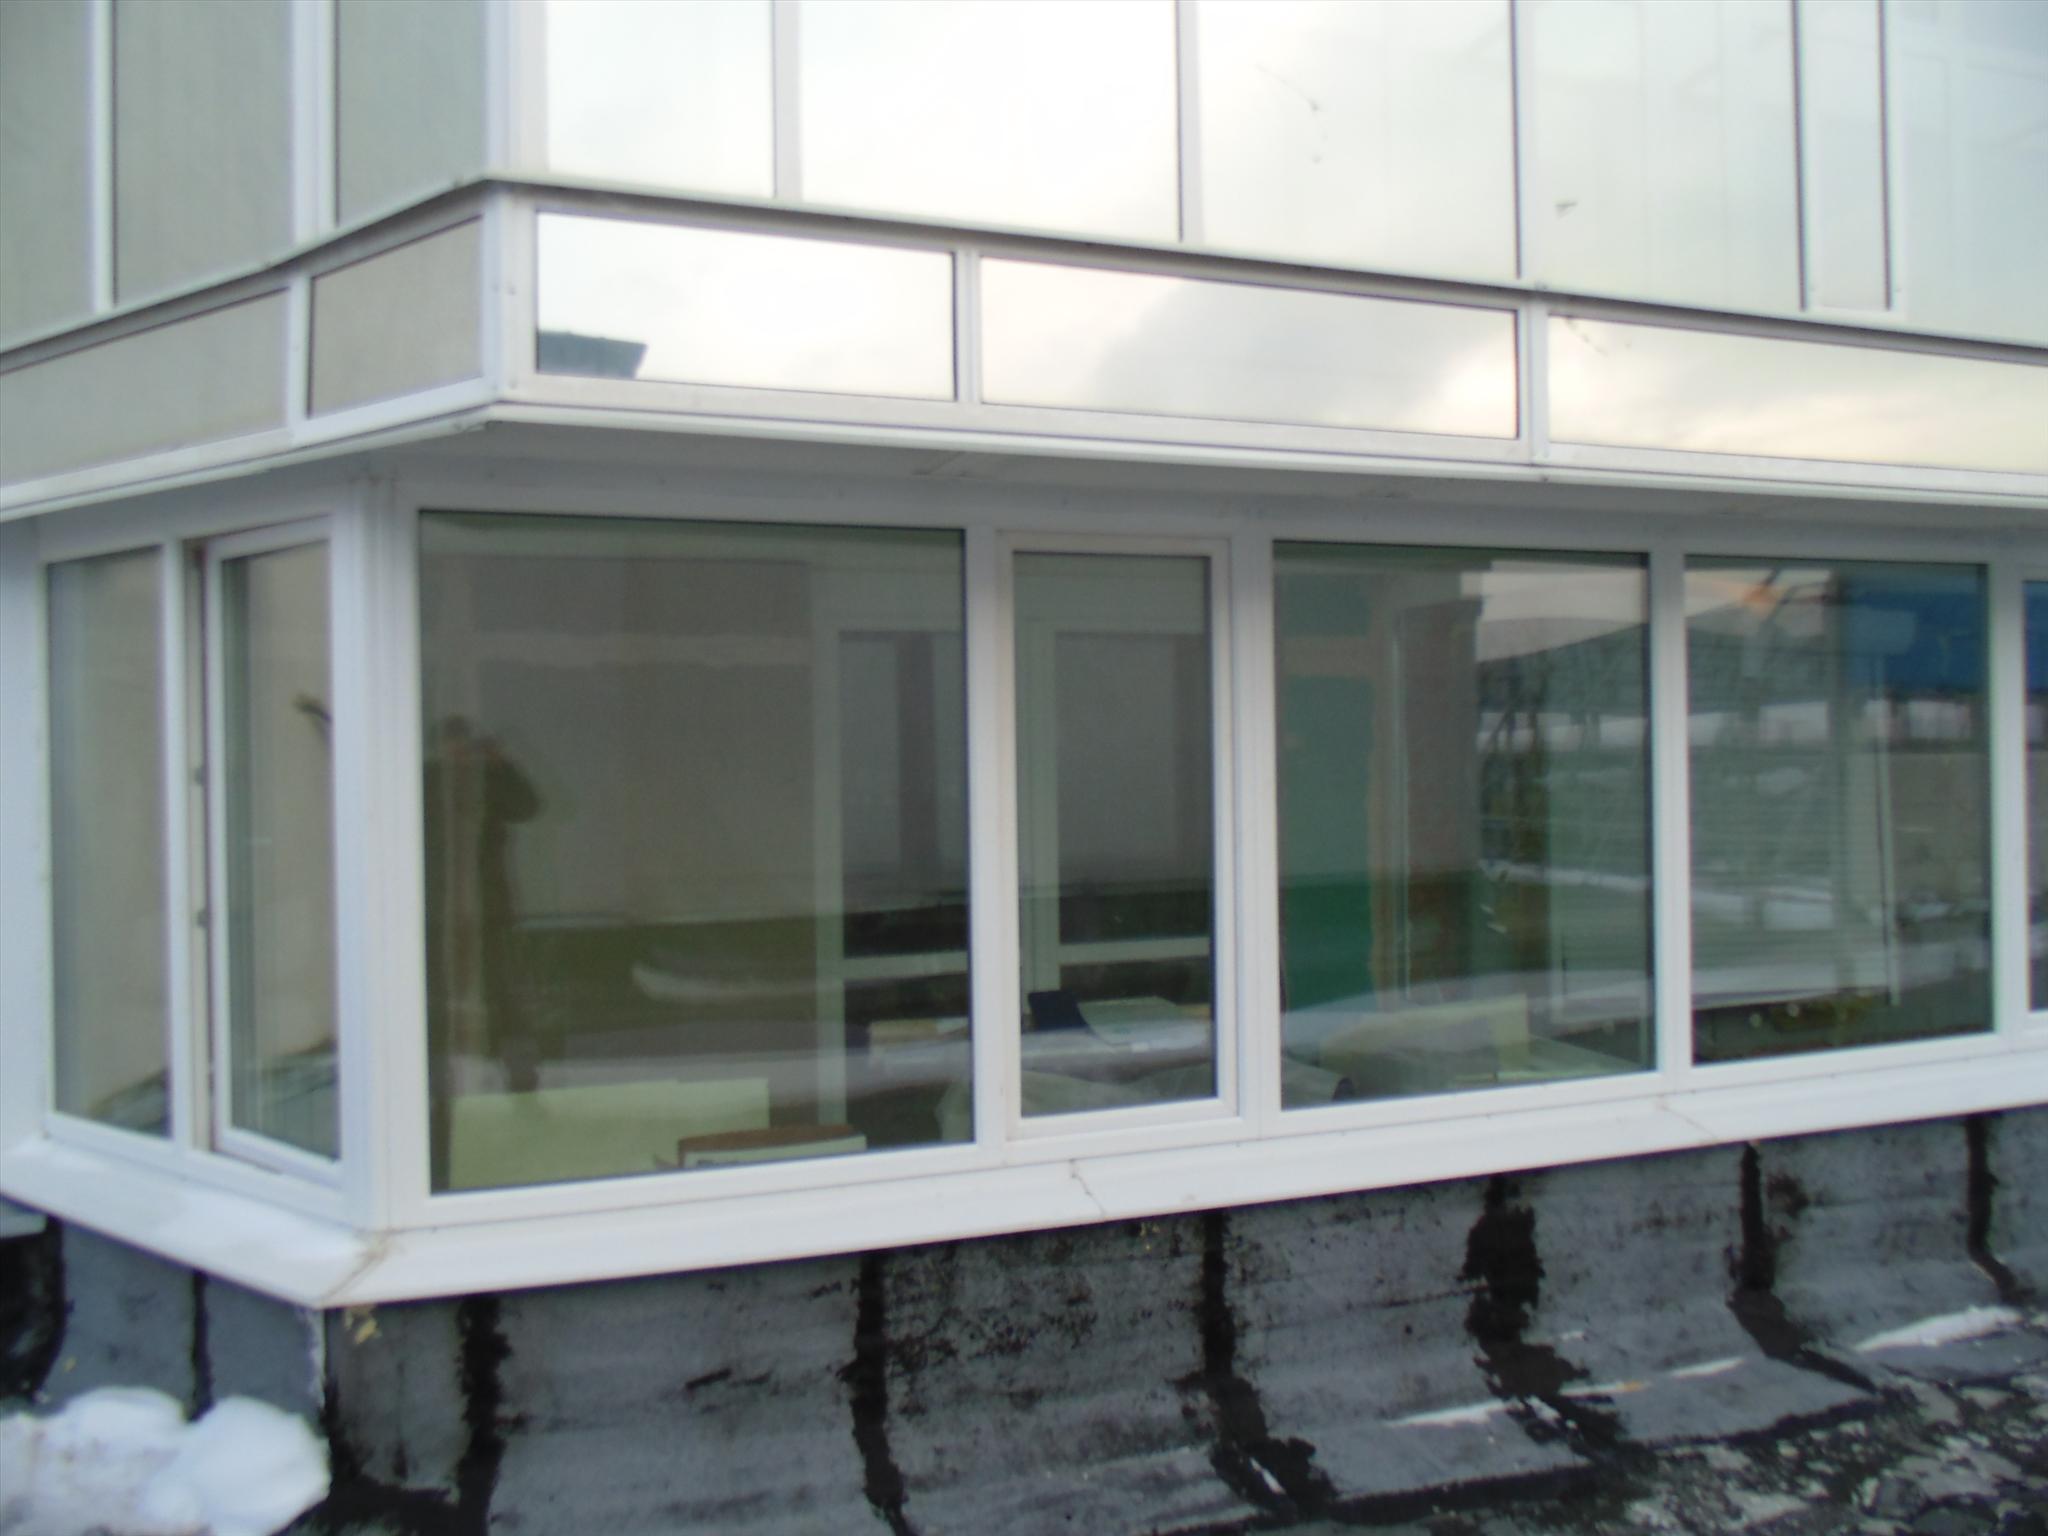 Утепление. теплые лоджии, витражи. балконы - оказание услуг .